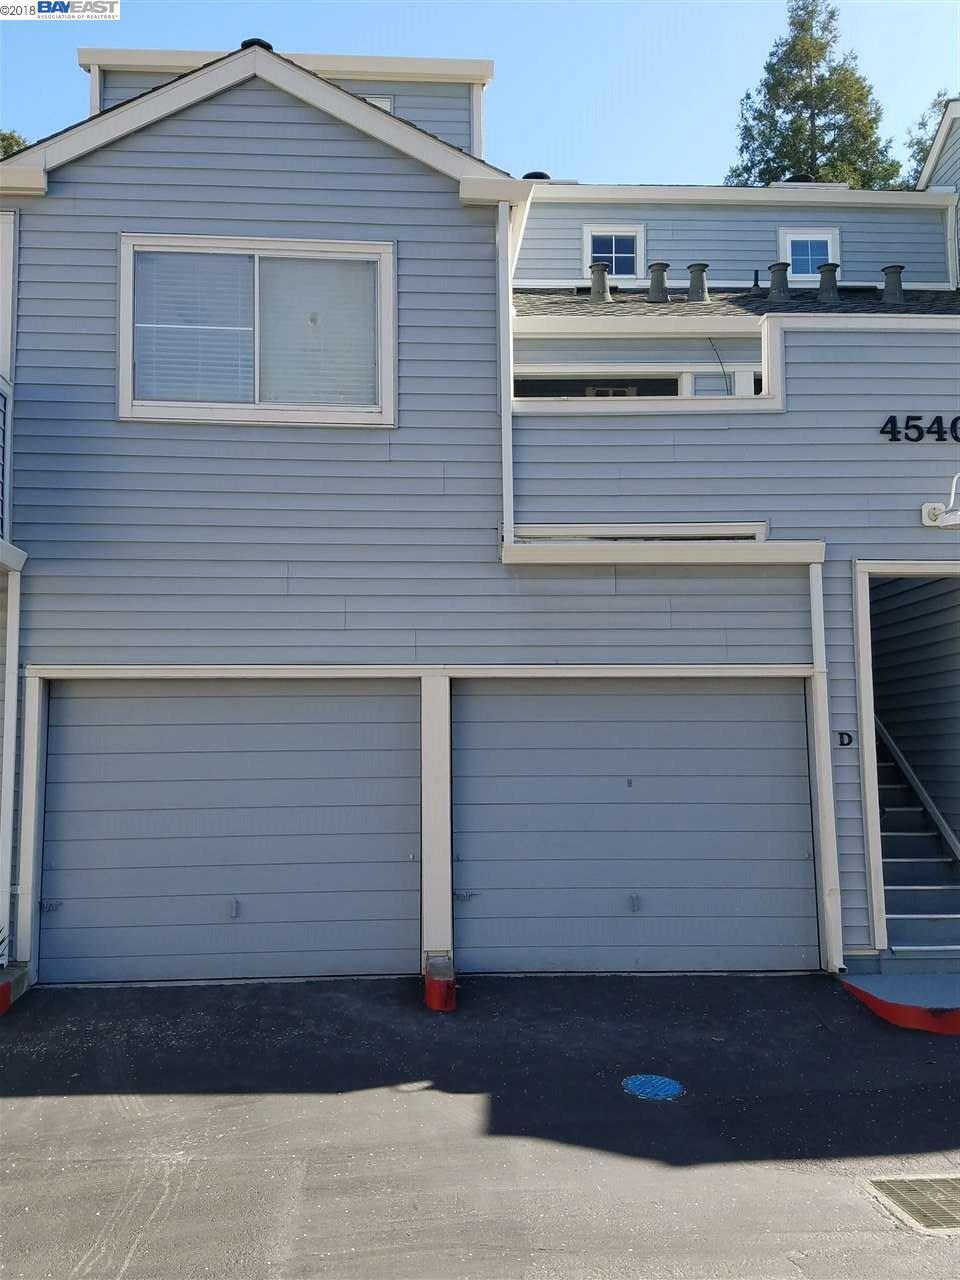 Appartement en copropriété pour l Vente à 4540 MELODY Drive 4540 MELODY Drive Concord, Californie 94521 États-Unis